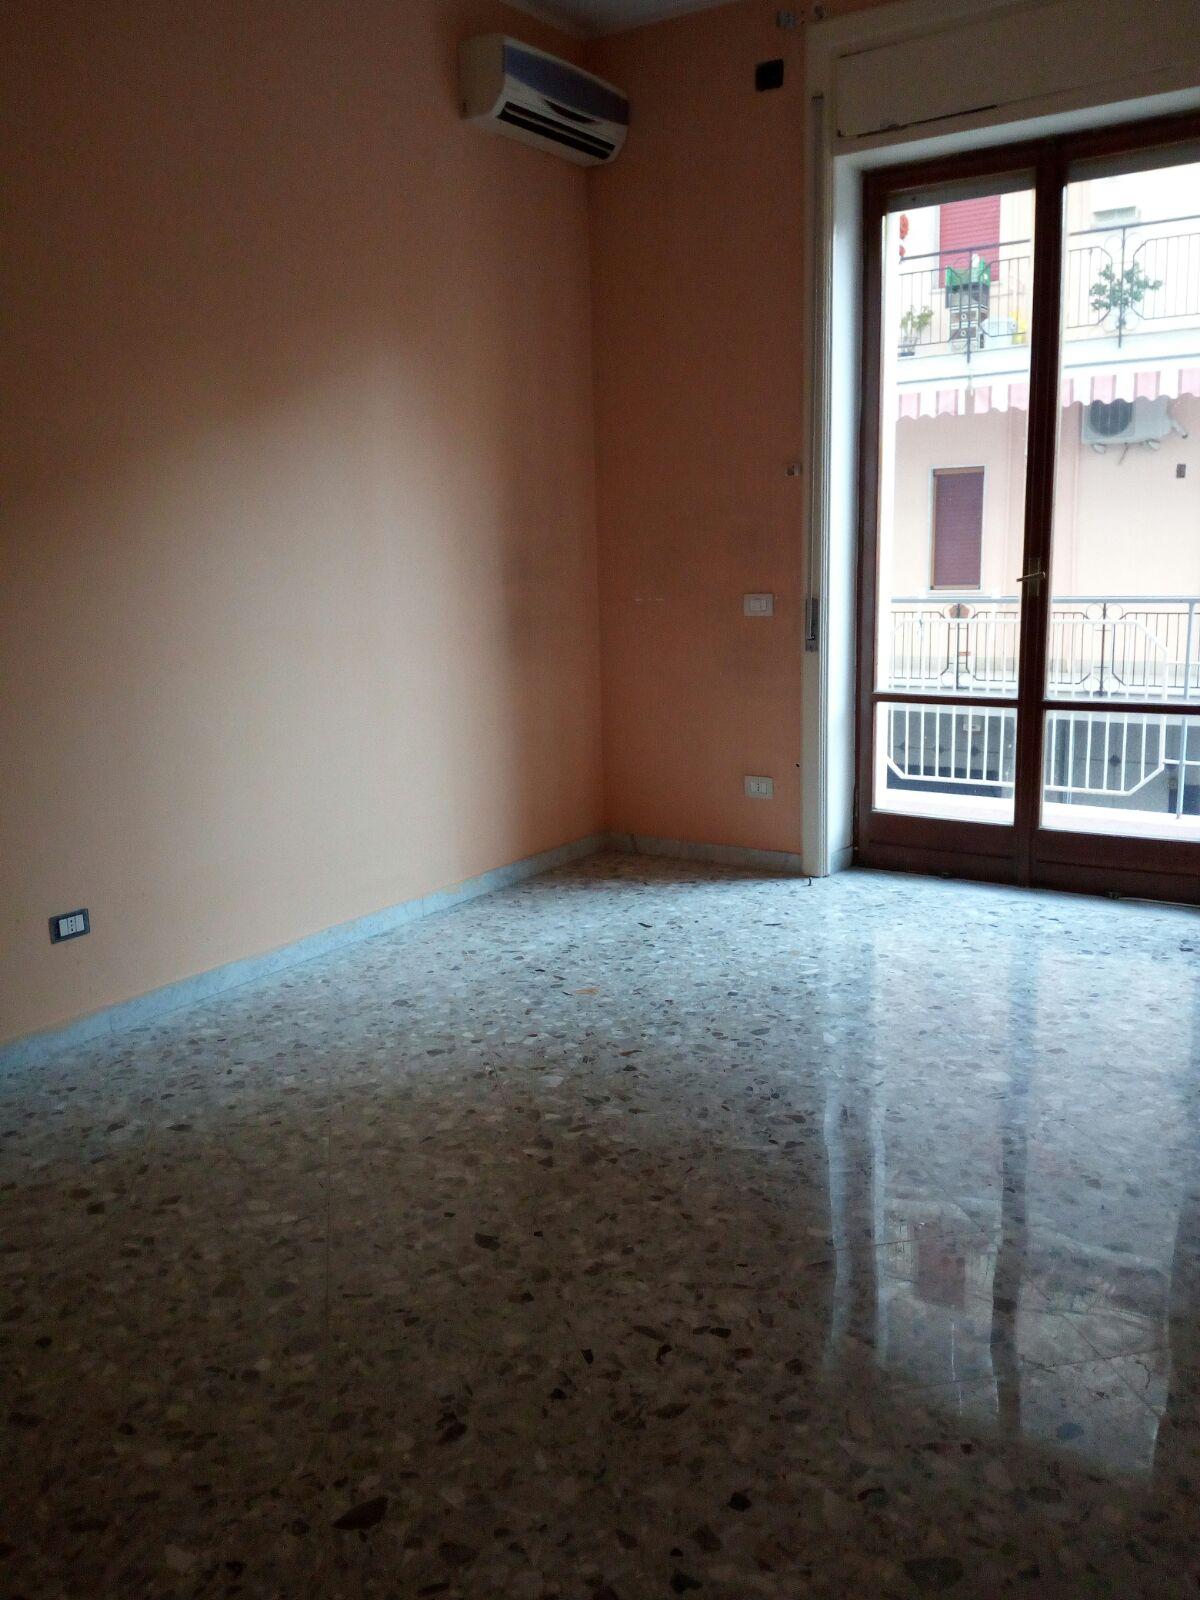 Appartamento in affitto a San Giuseppe Vesuviano, 4 locali, prezzo € 400 | CambioCasa.it